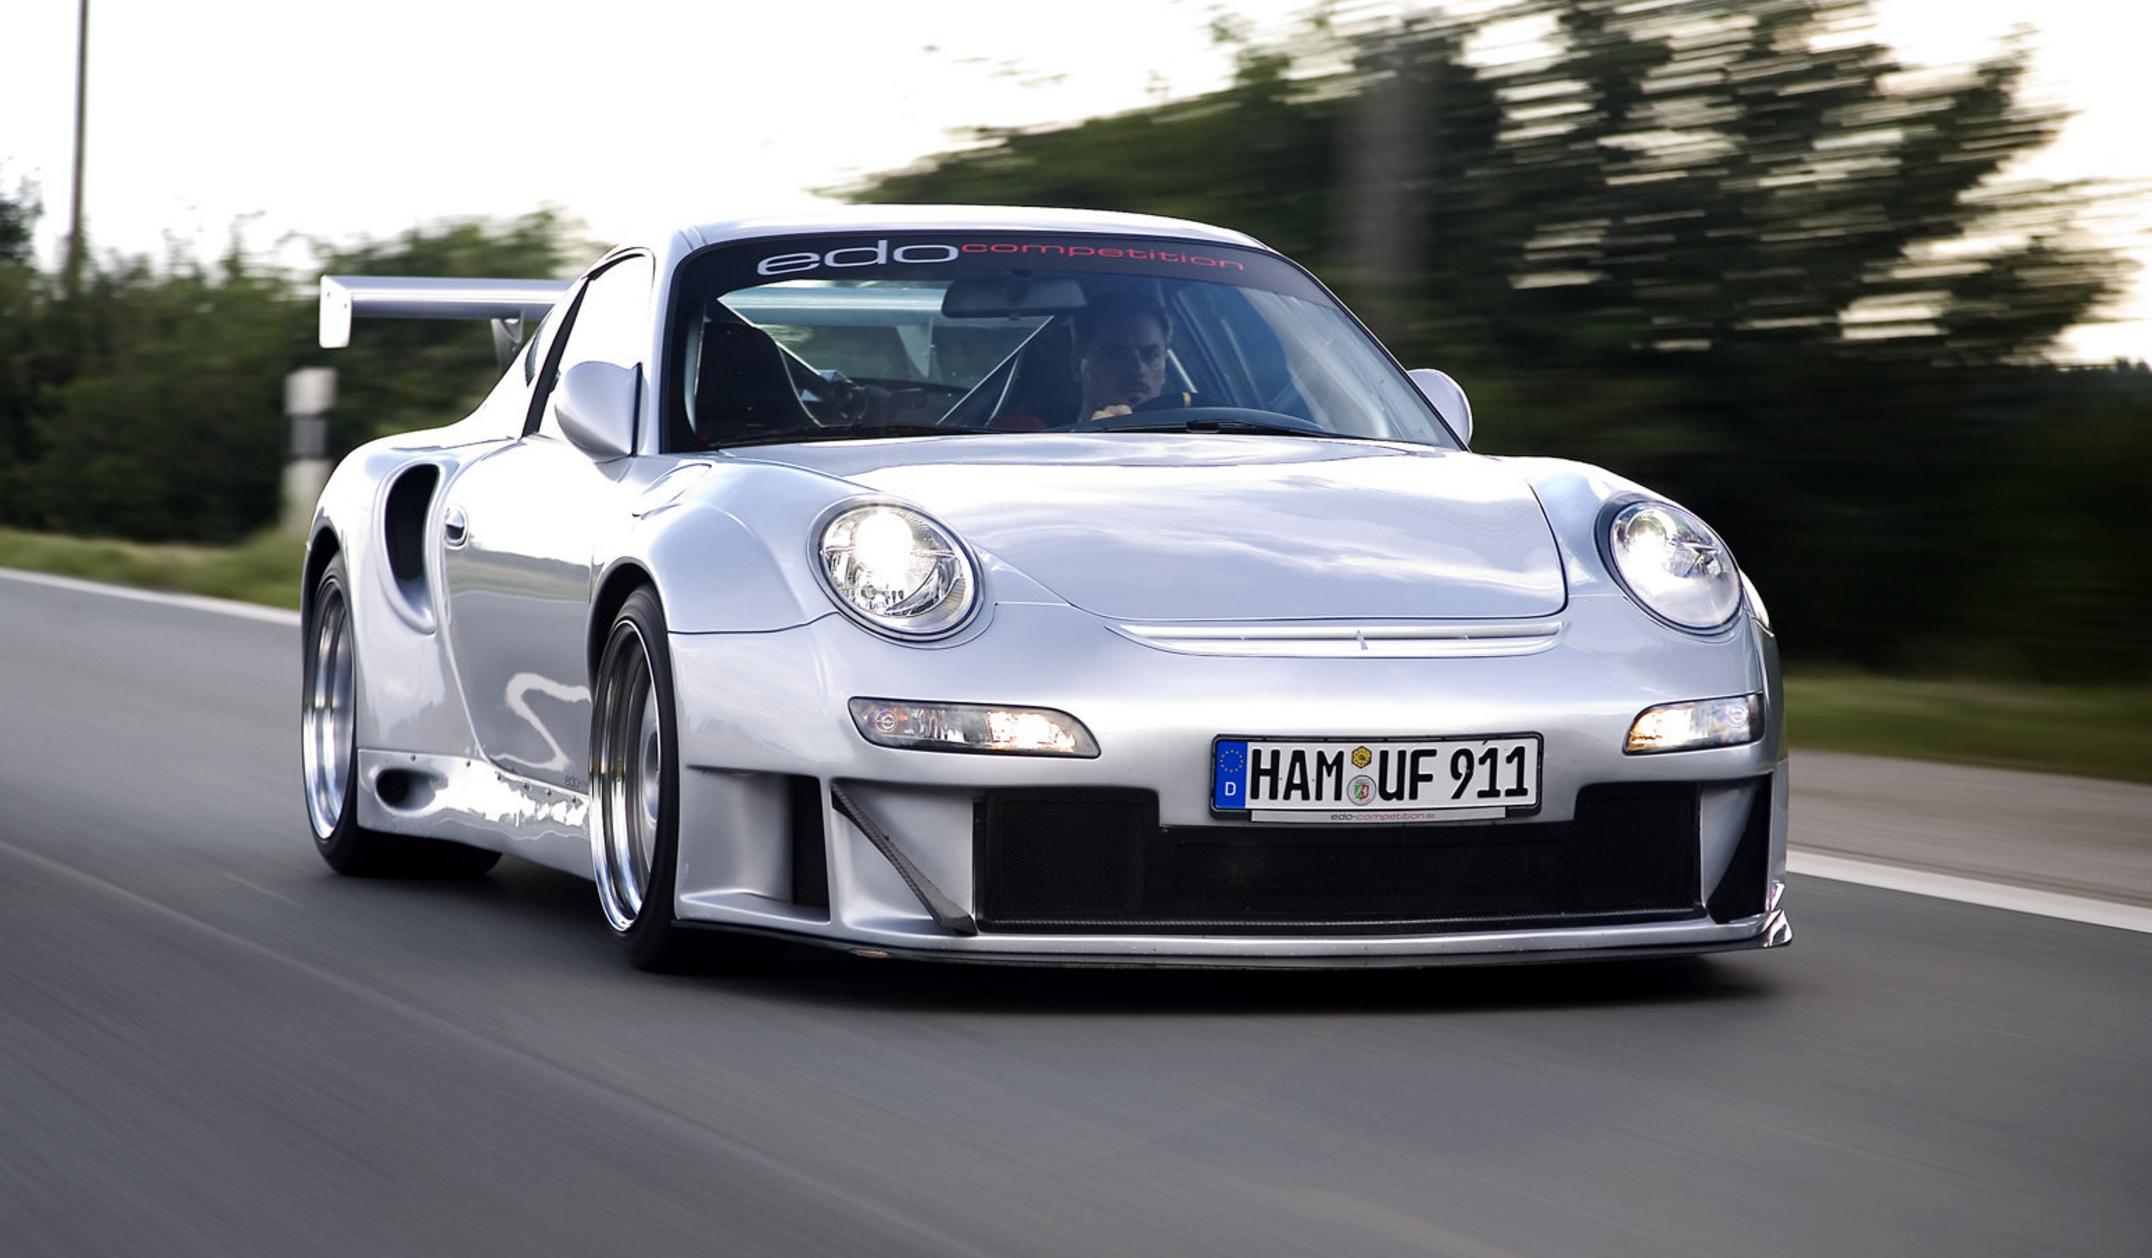 2007 Edo 911 GT2 R